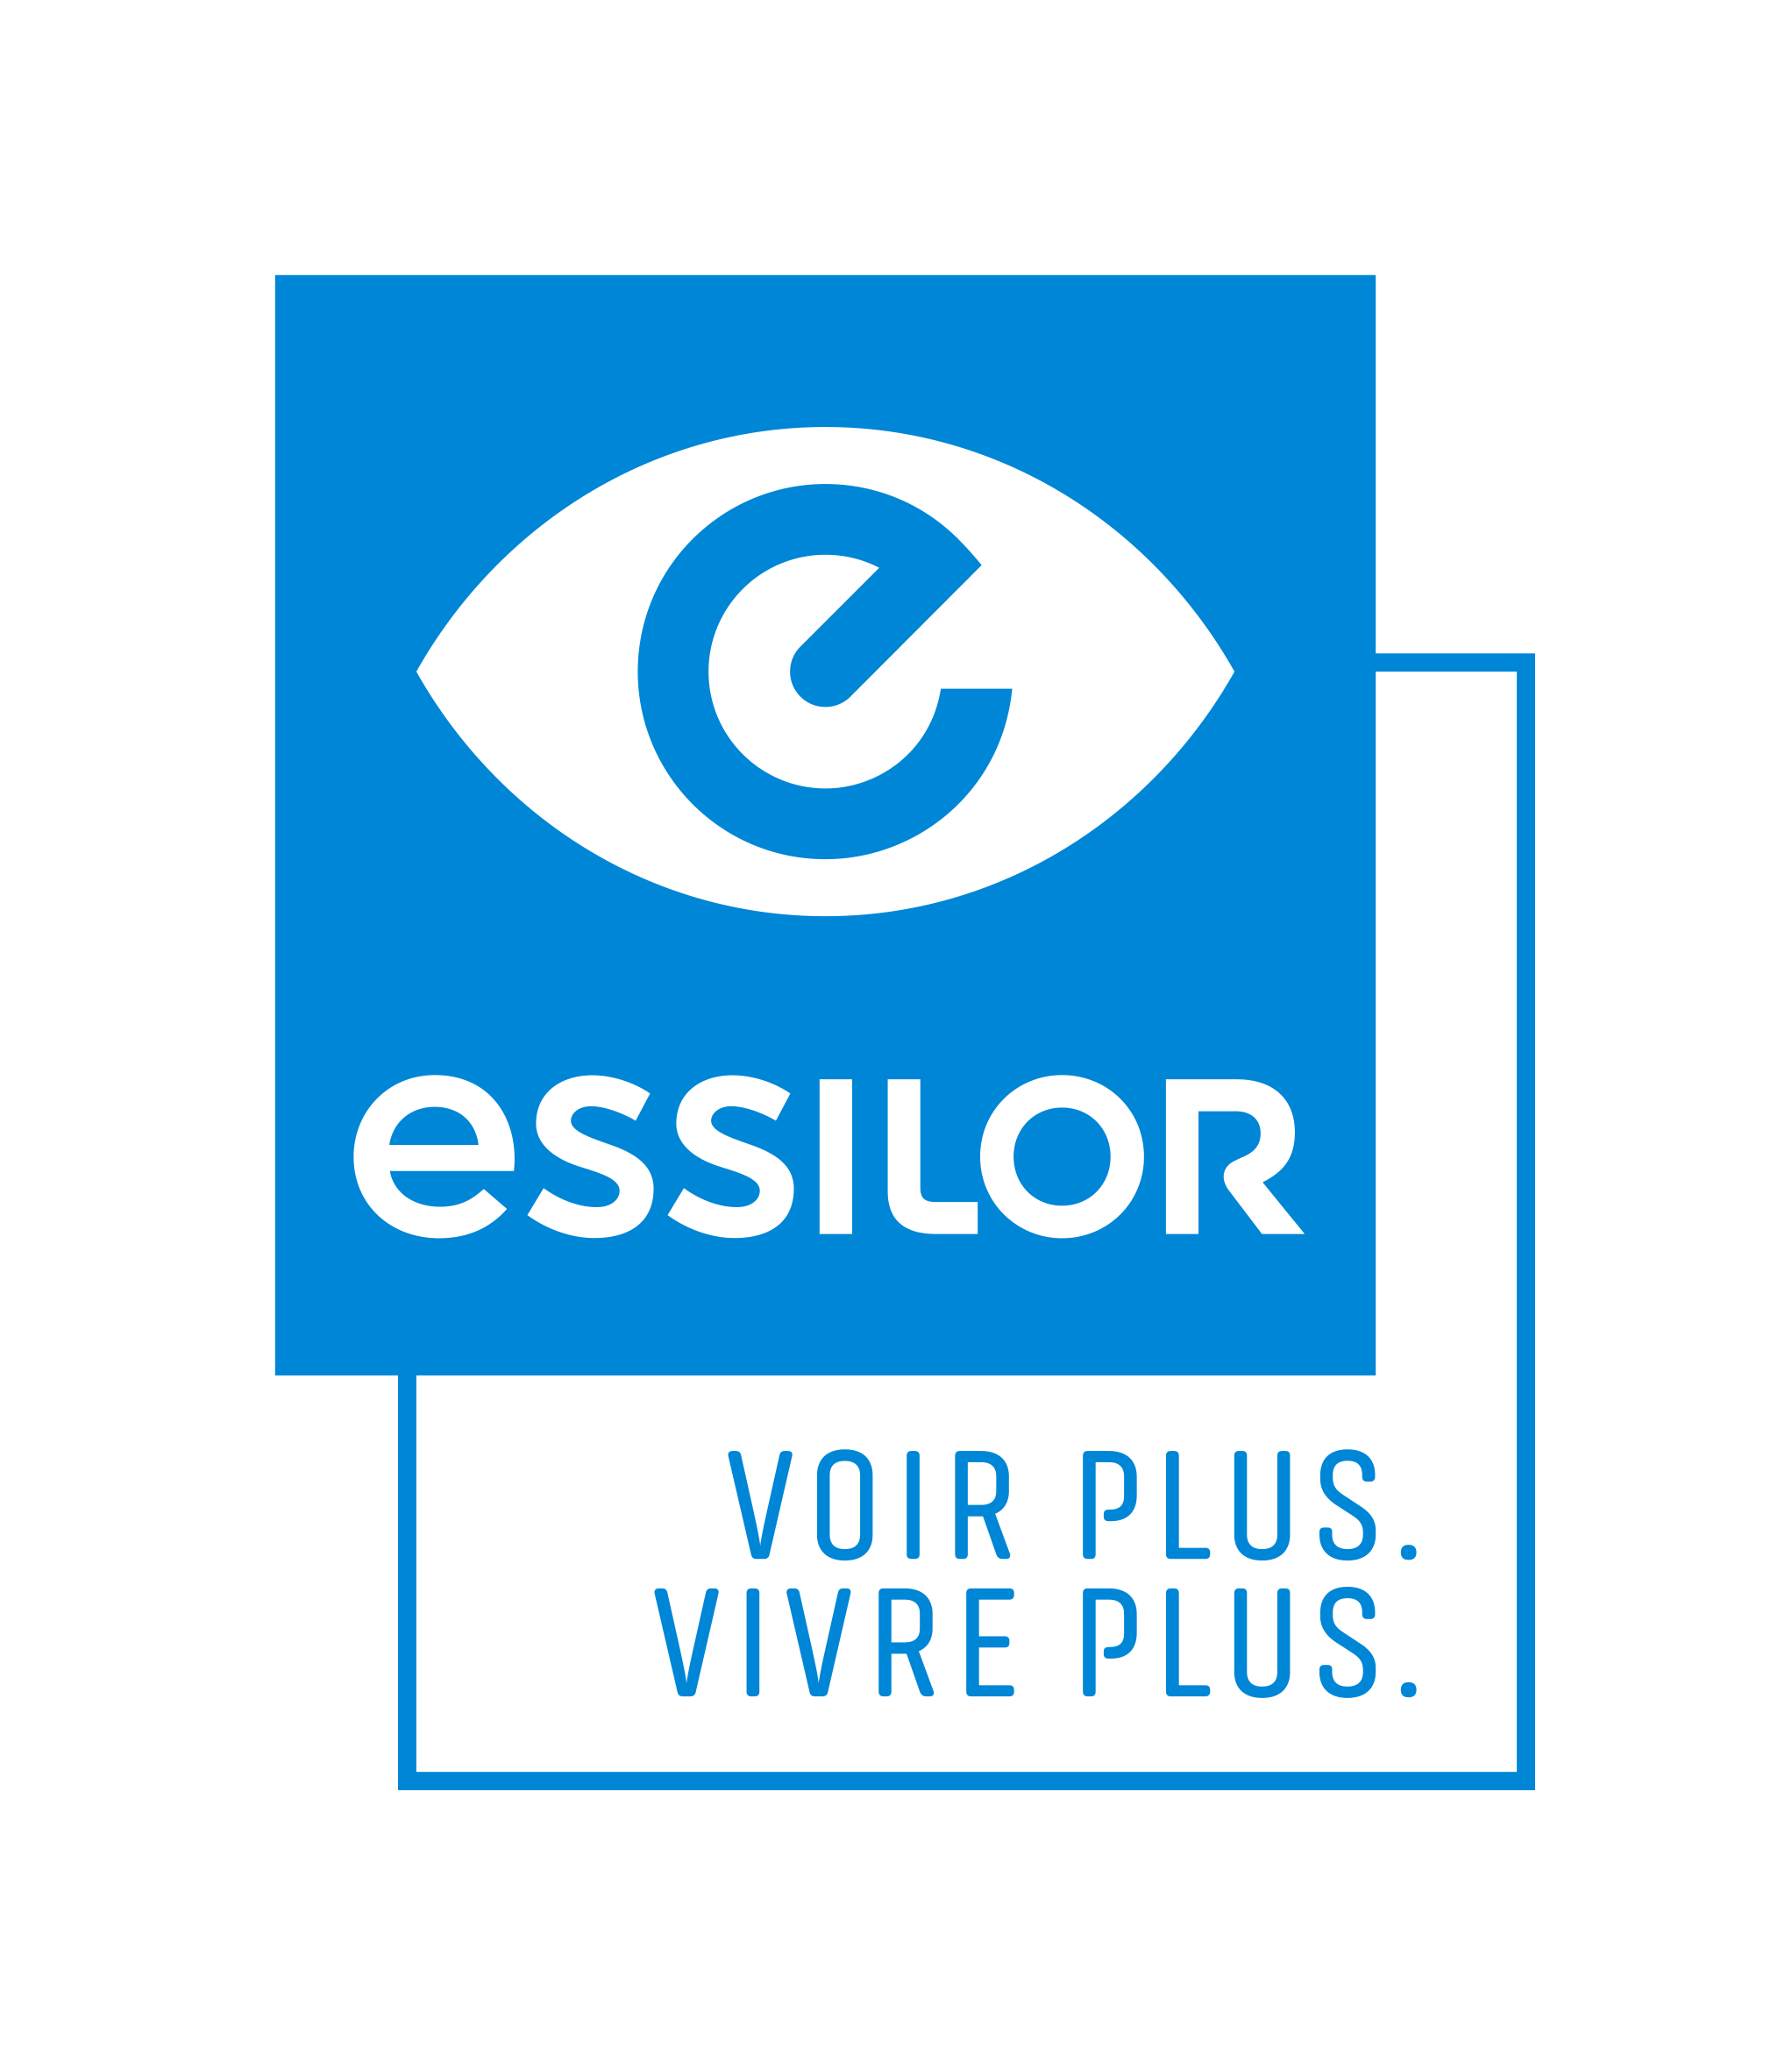 Essilor_logo_Edgard_Opticiens